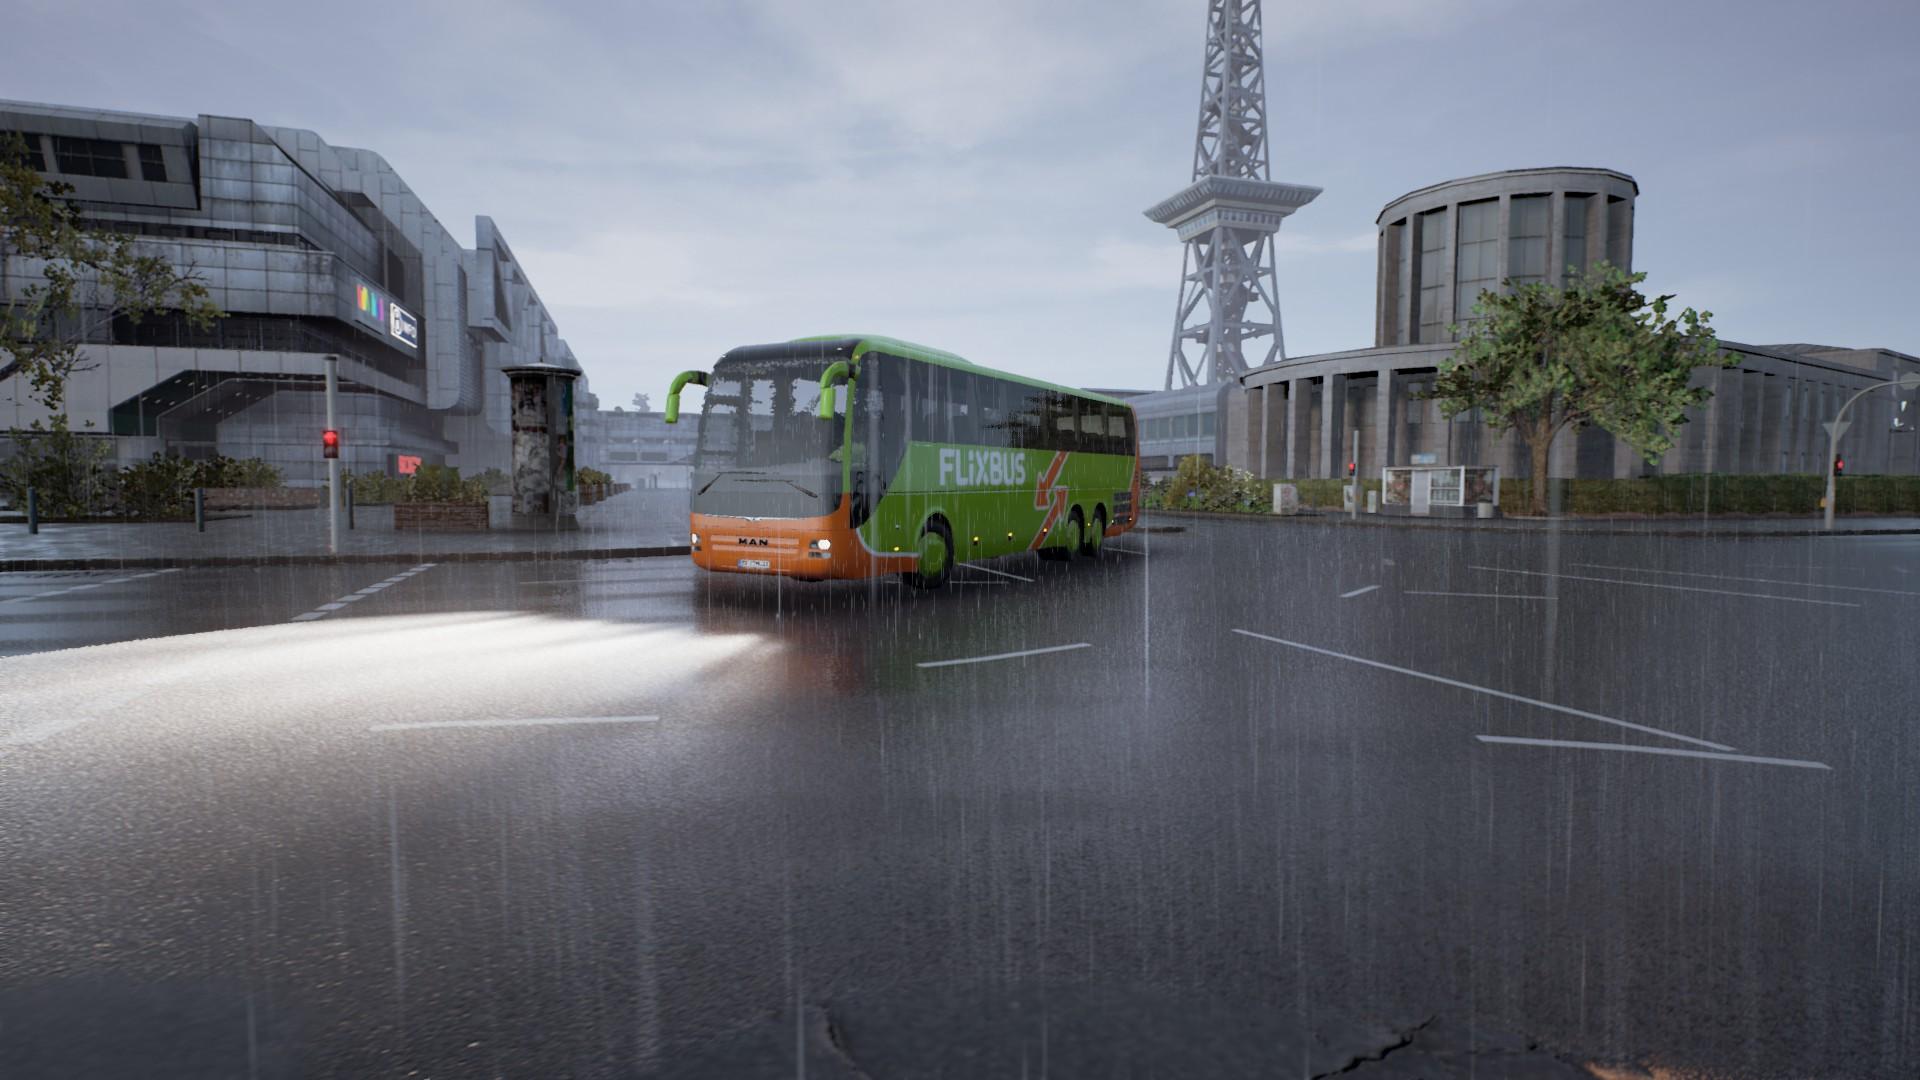 Fernbus Simulator